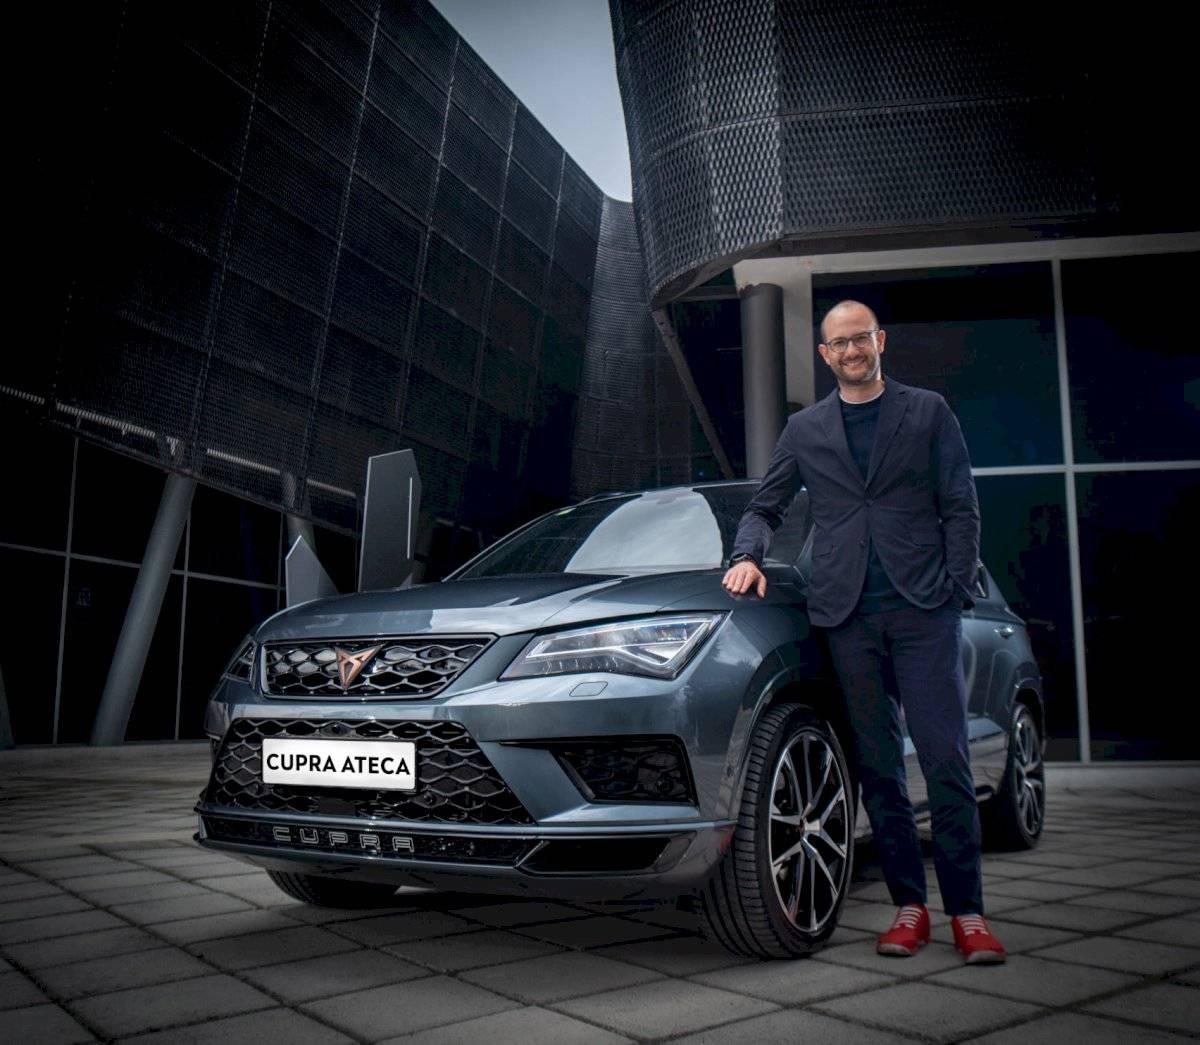 Juan Pablo Gómez Macfarland es el nuevo Director General de SEAT y Cupra en México